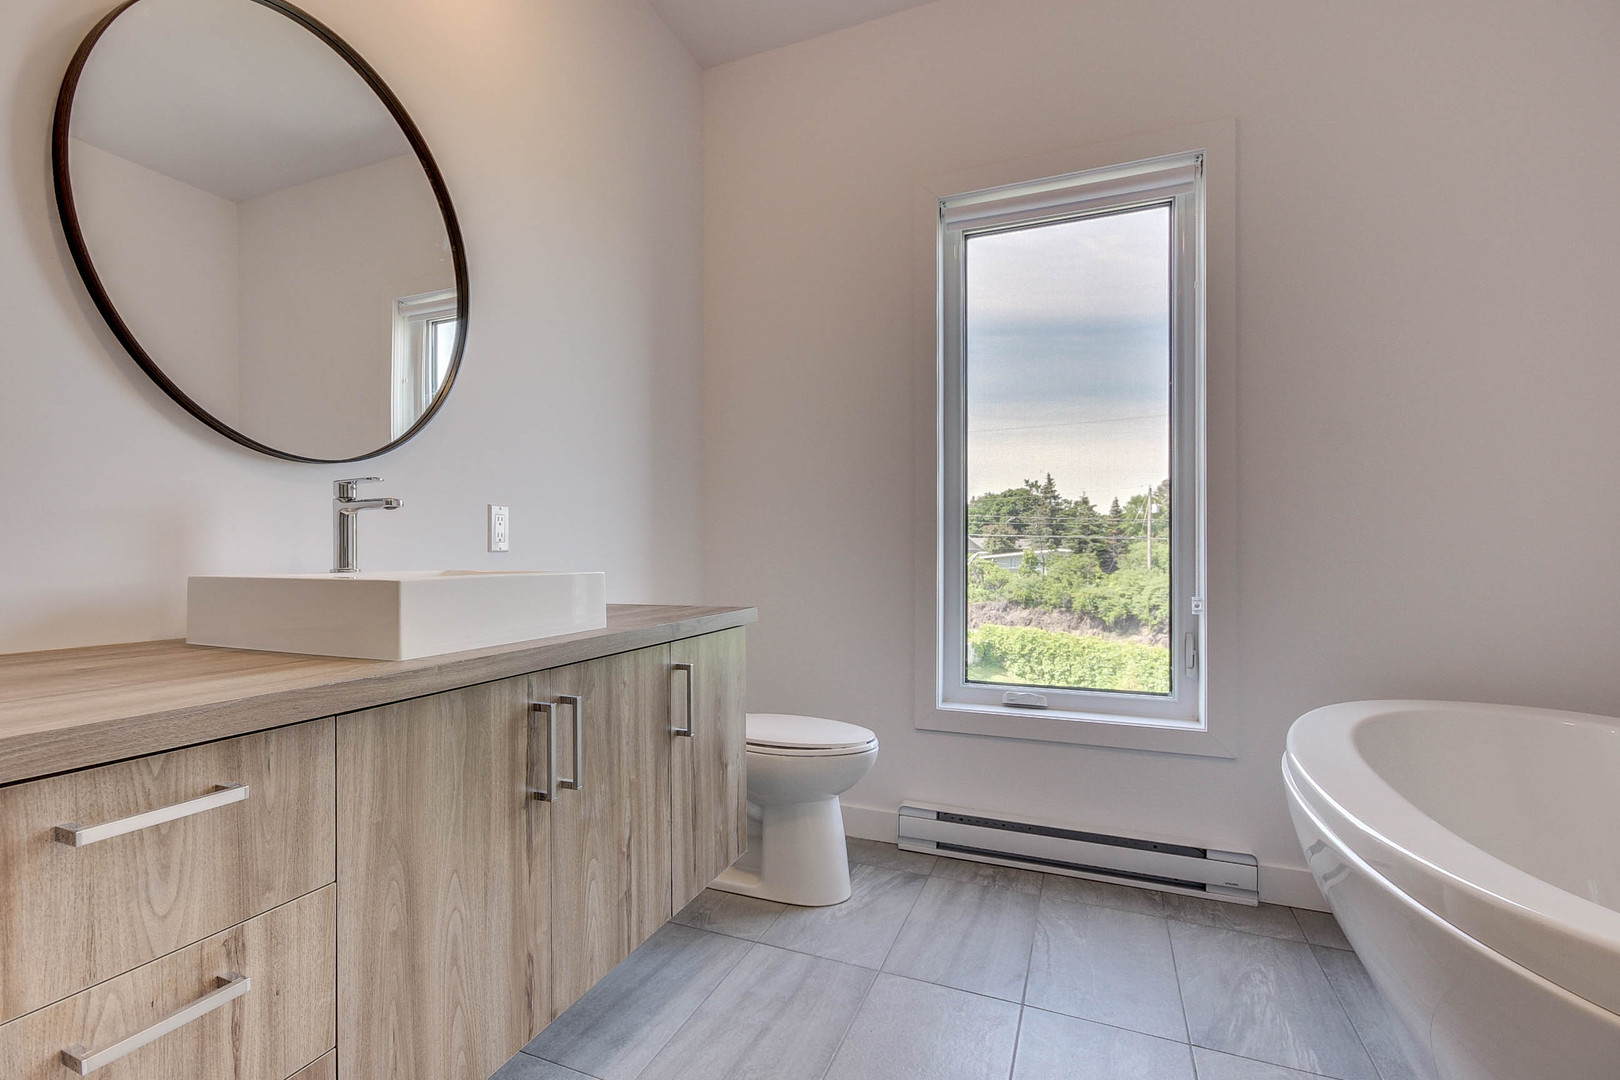 Dessinateur bâtiment - Salle de bain 3